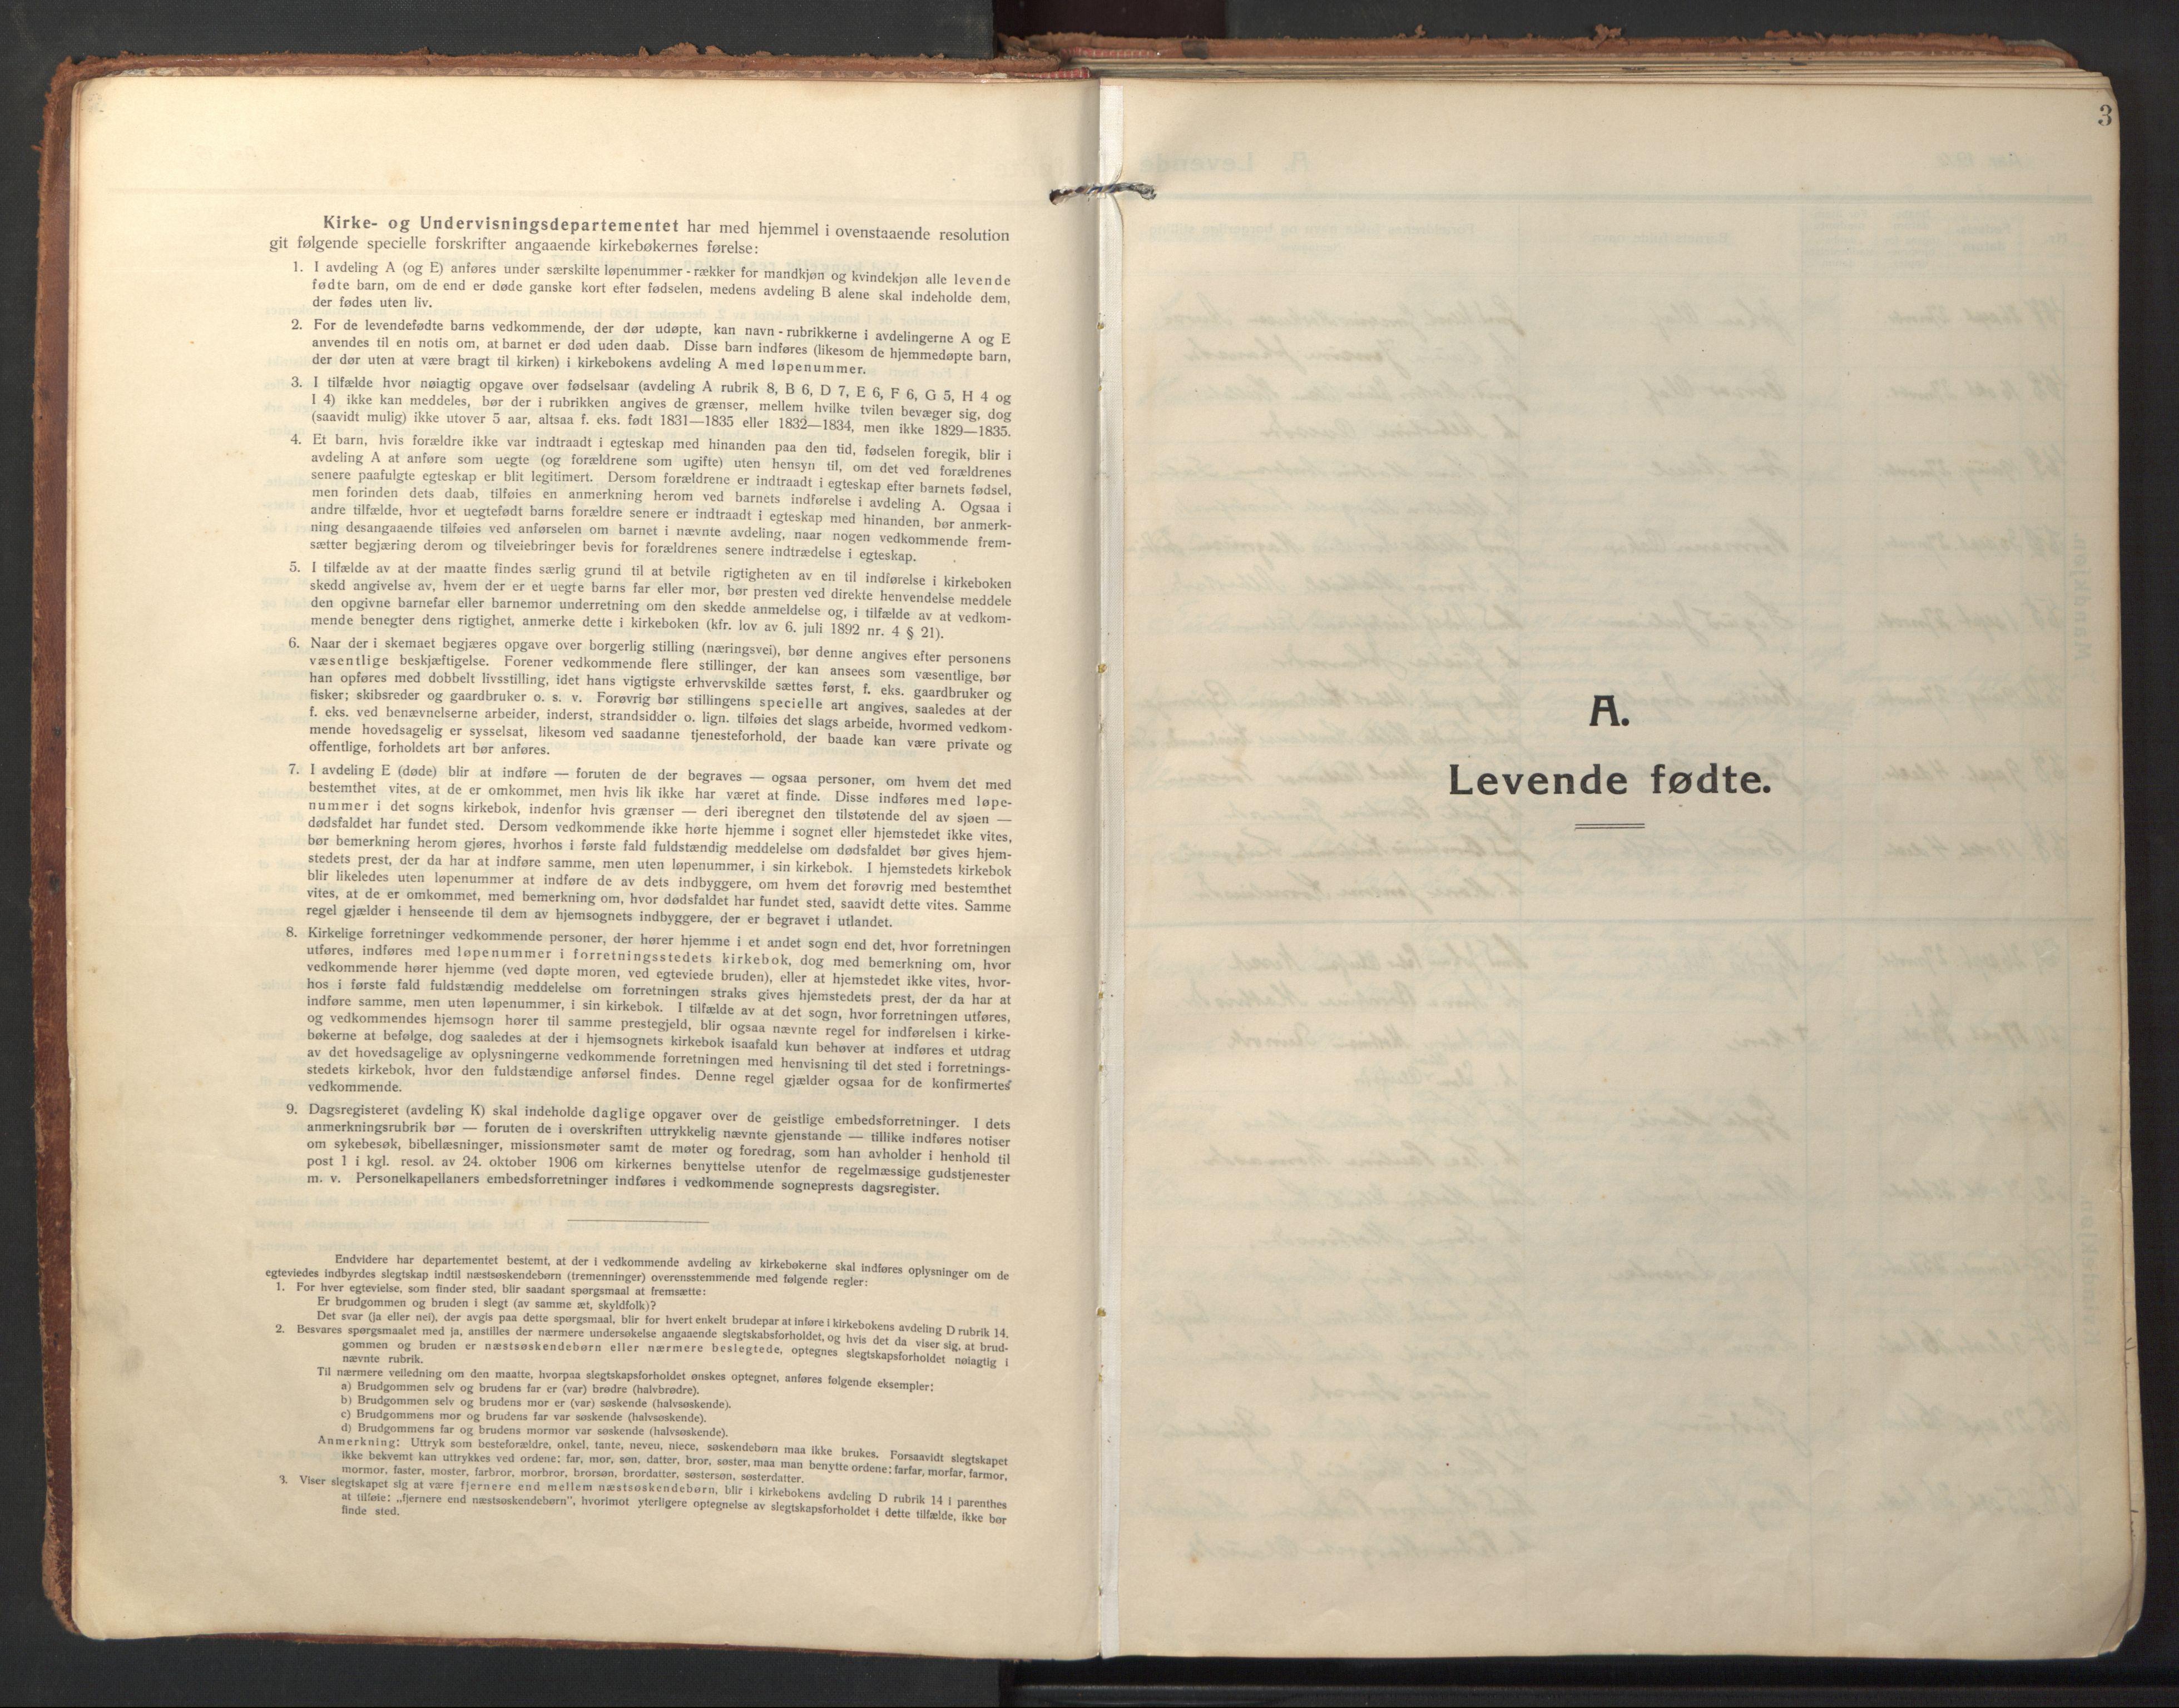 SAT, Ministerialprotokoller, klokkerbøker og fødselsregistre - Sør-Trøndelag, 640/L0581: Ministerialbok nr. 640A06, 1910-1924, s. 3